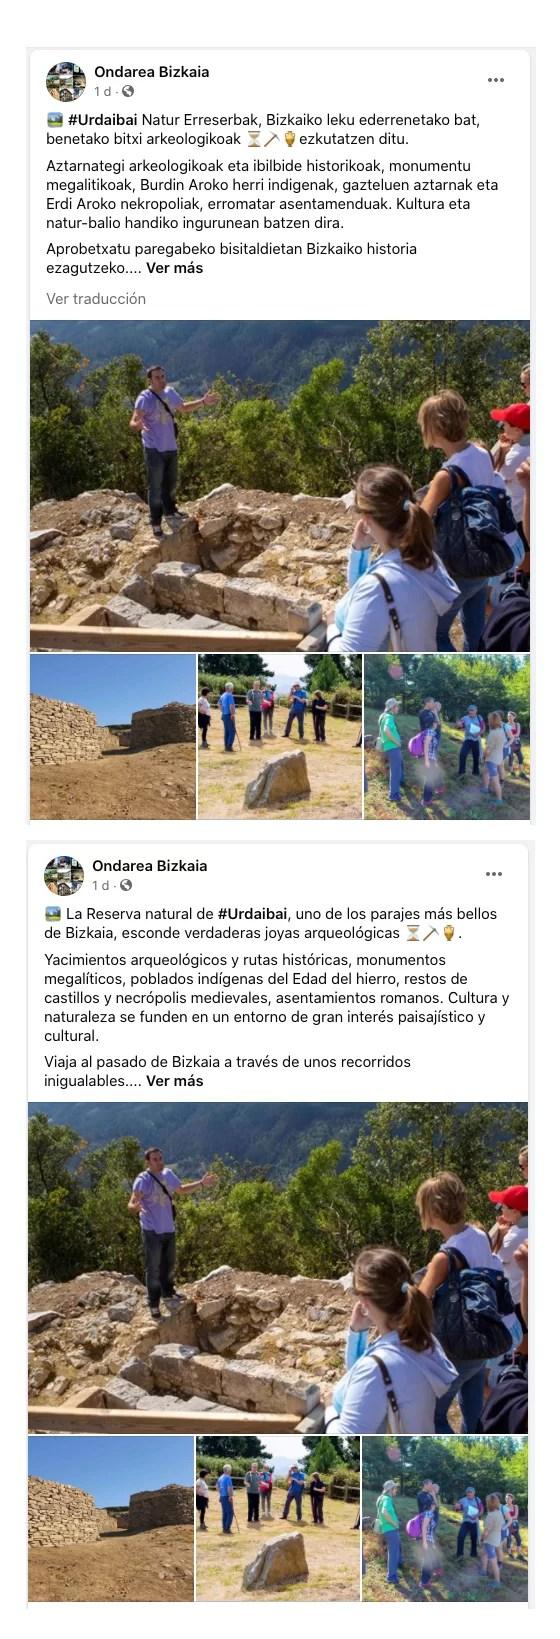 Digixop, Ondarea Facebook